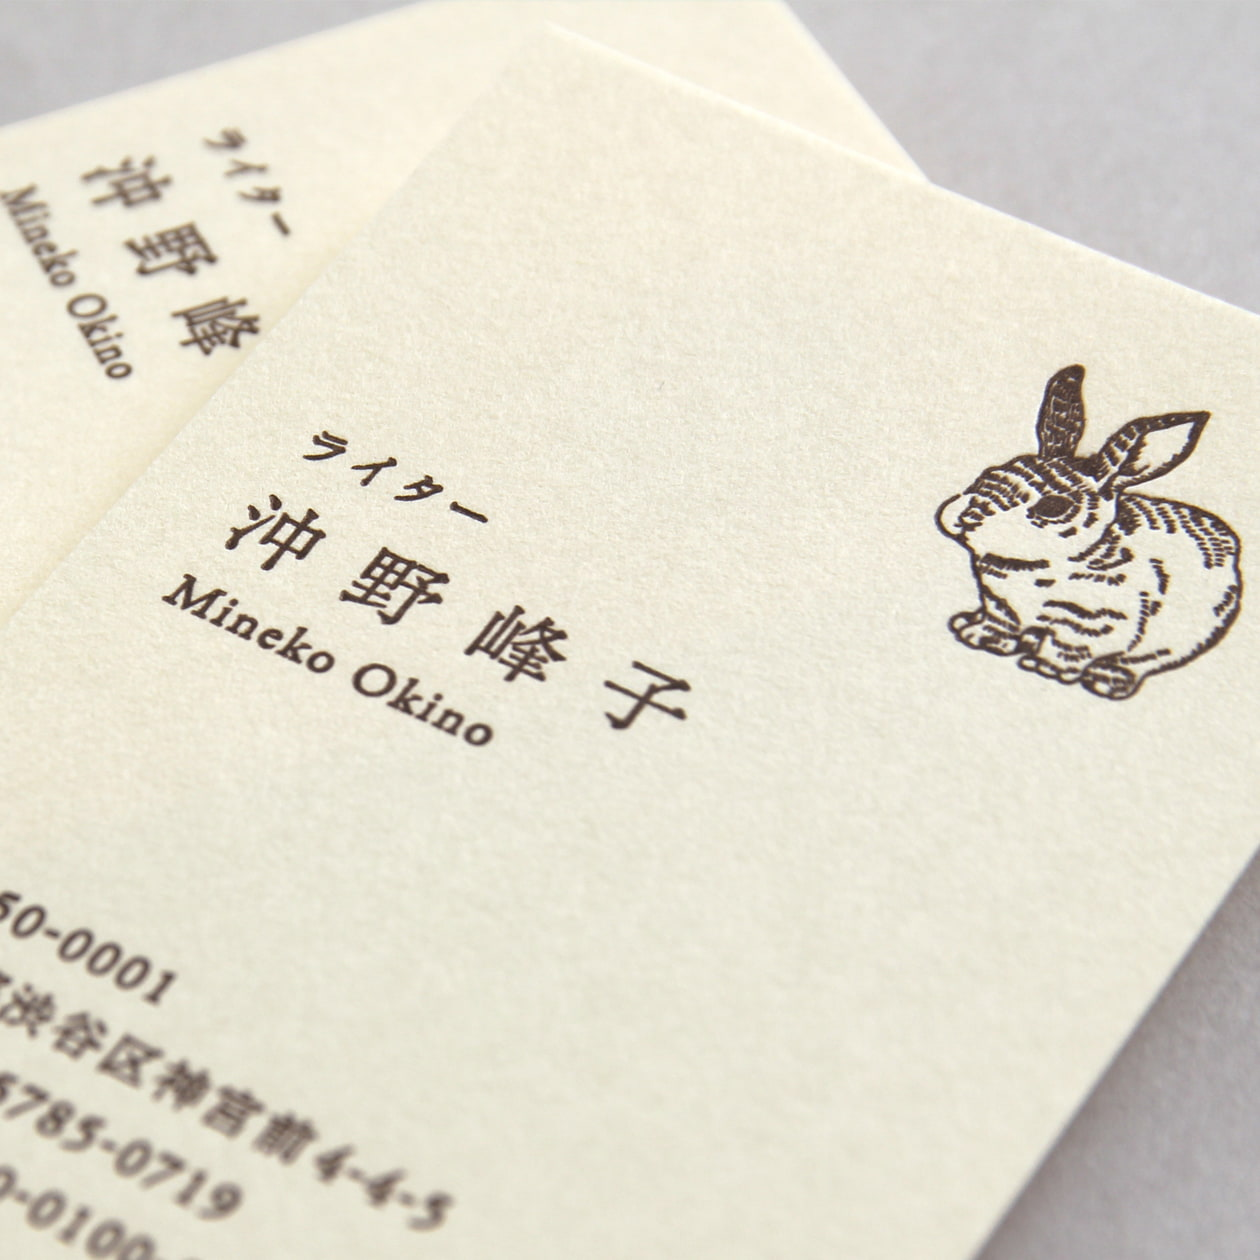 デザイン事務所の名刺